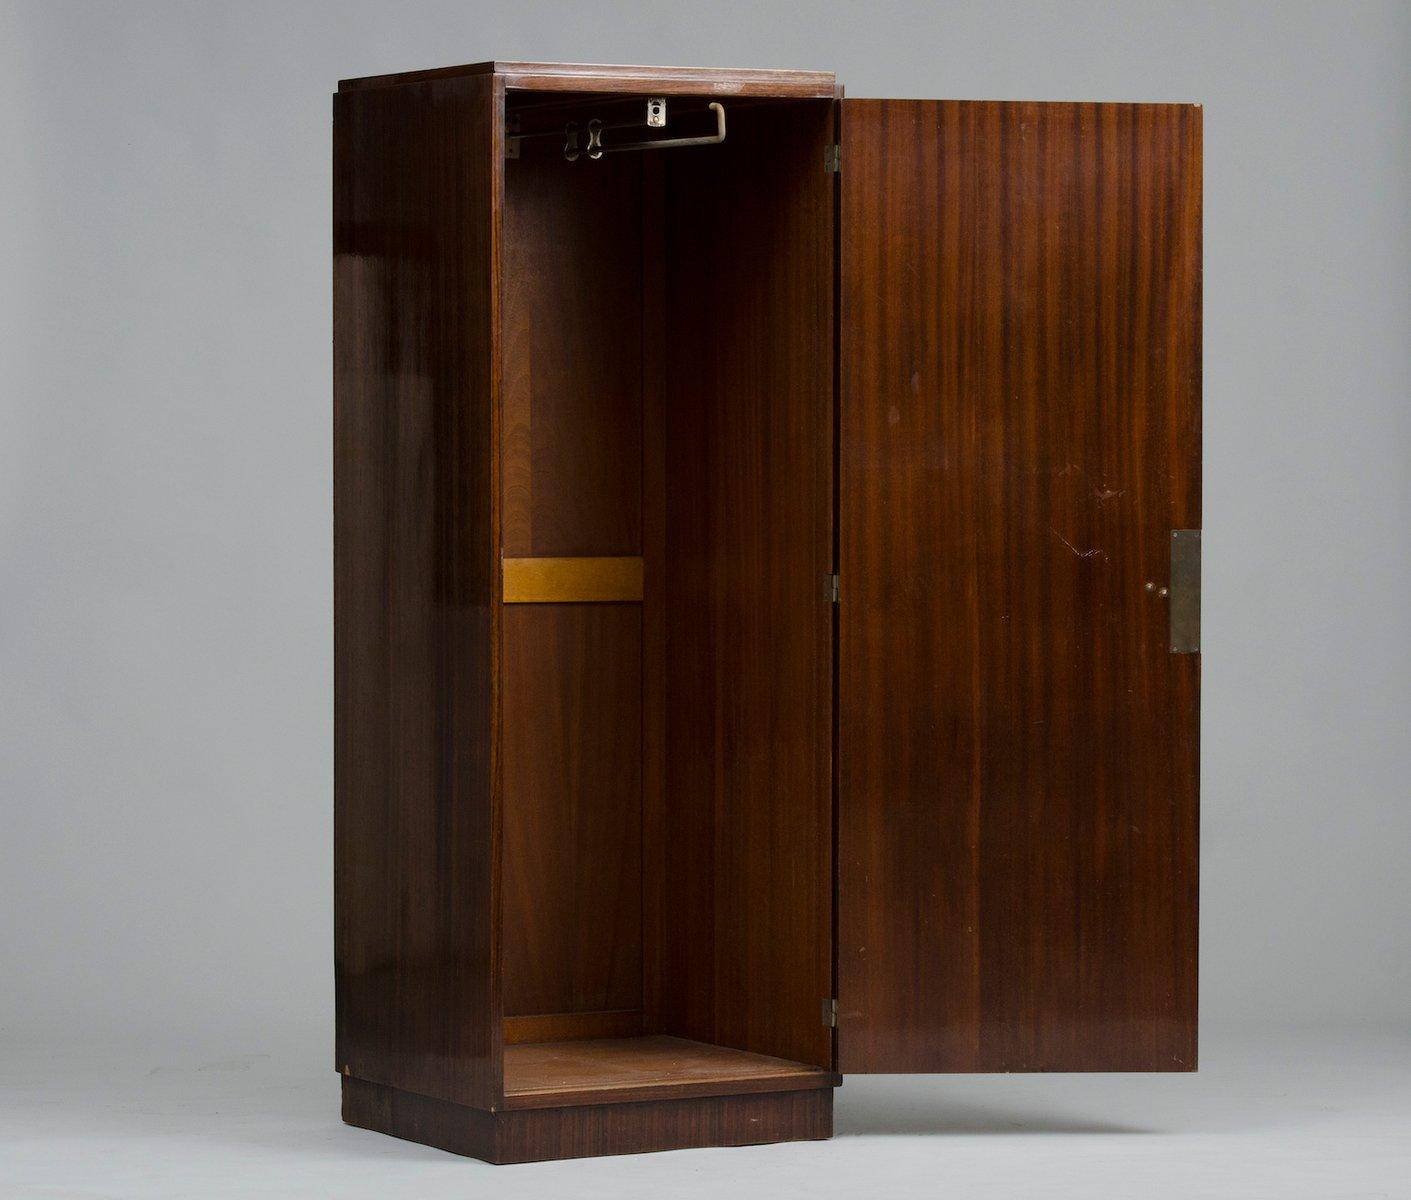 petite armoire art d co en vente sur pamono. Black Bedroom Furniture Sets. Home Design Ideas